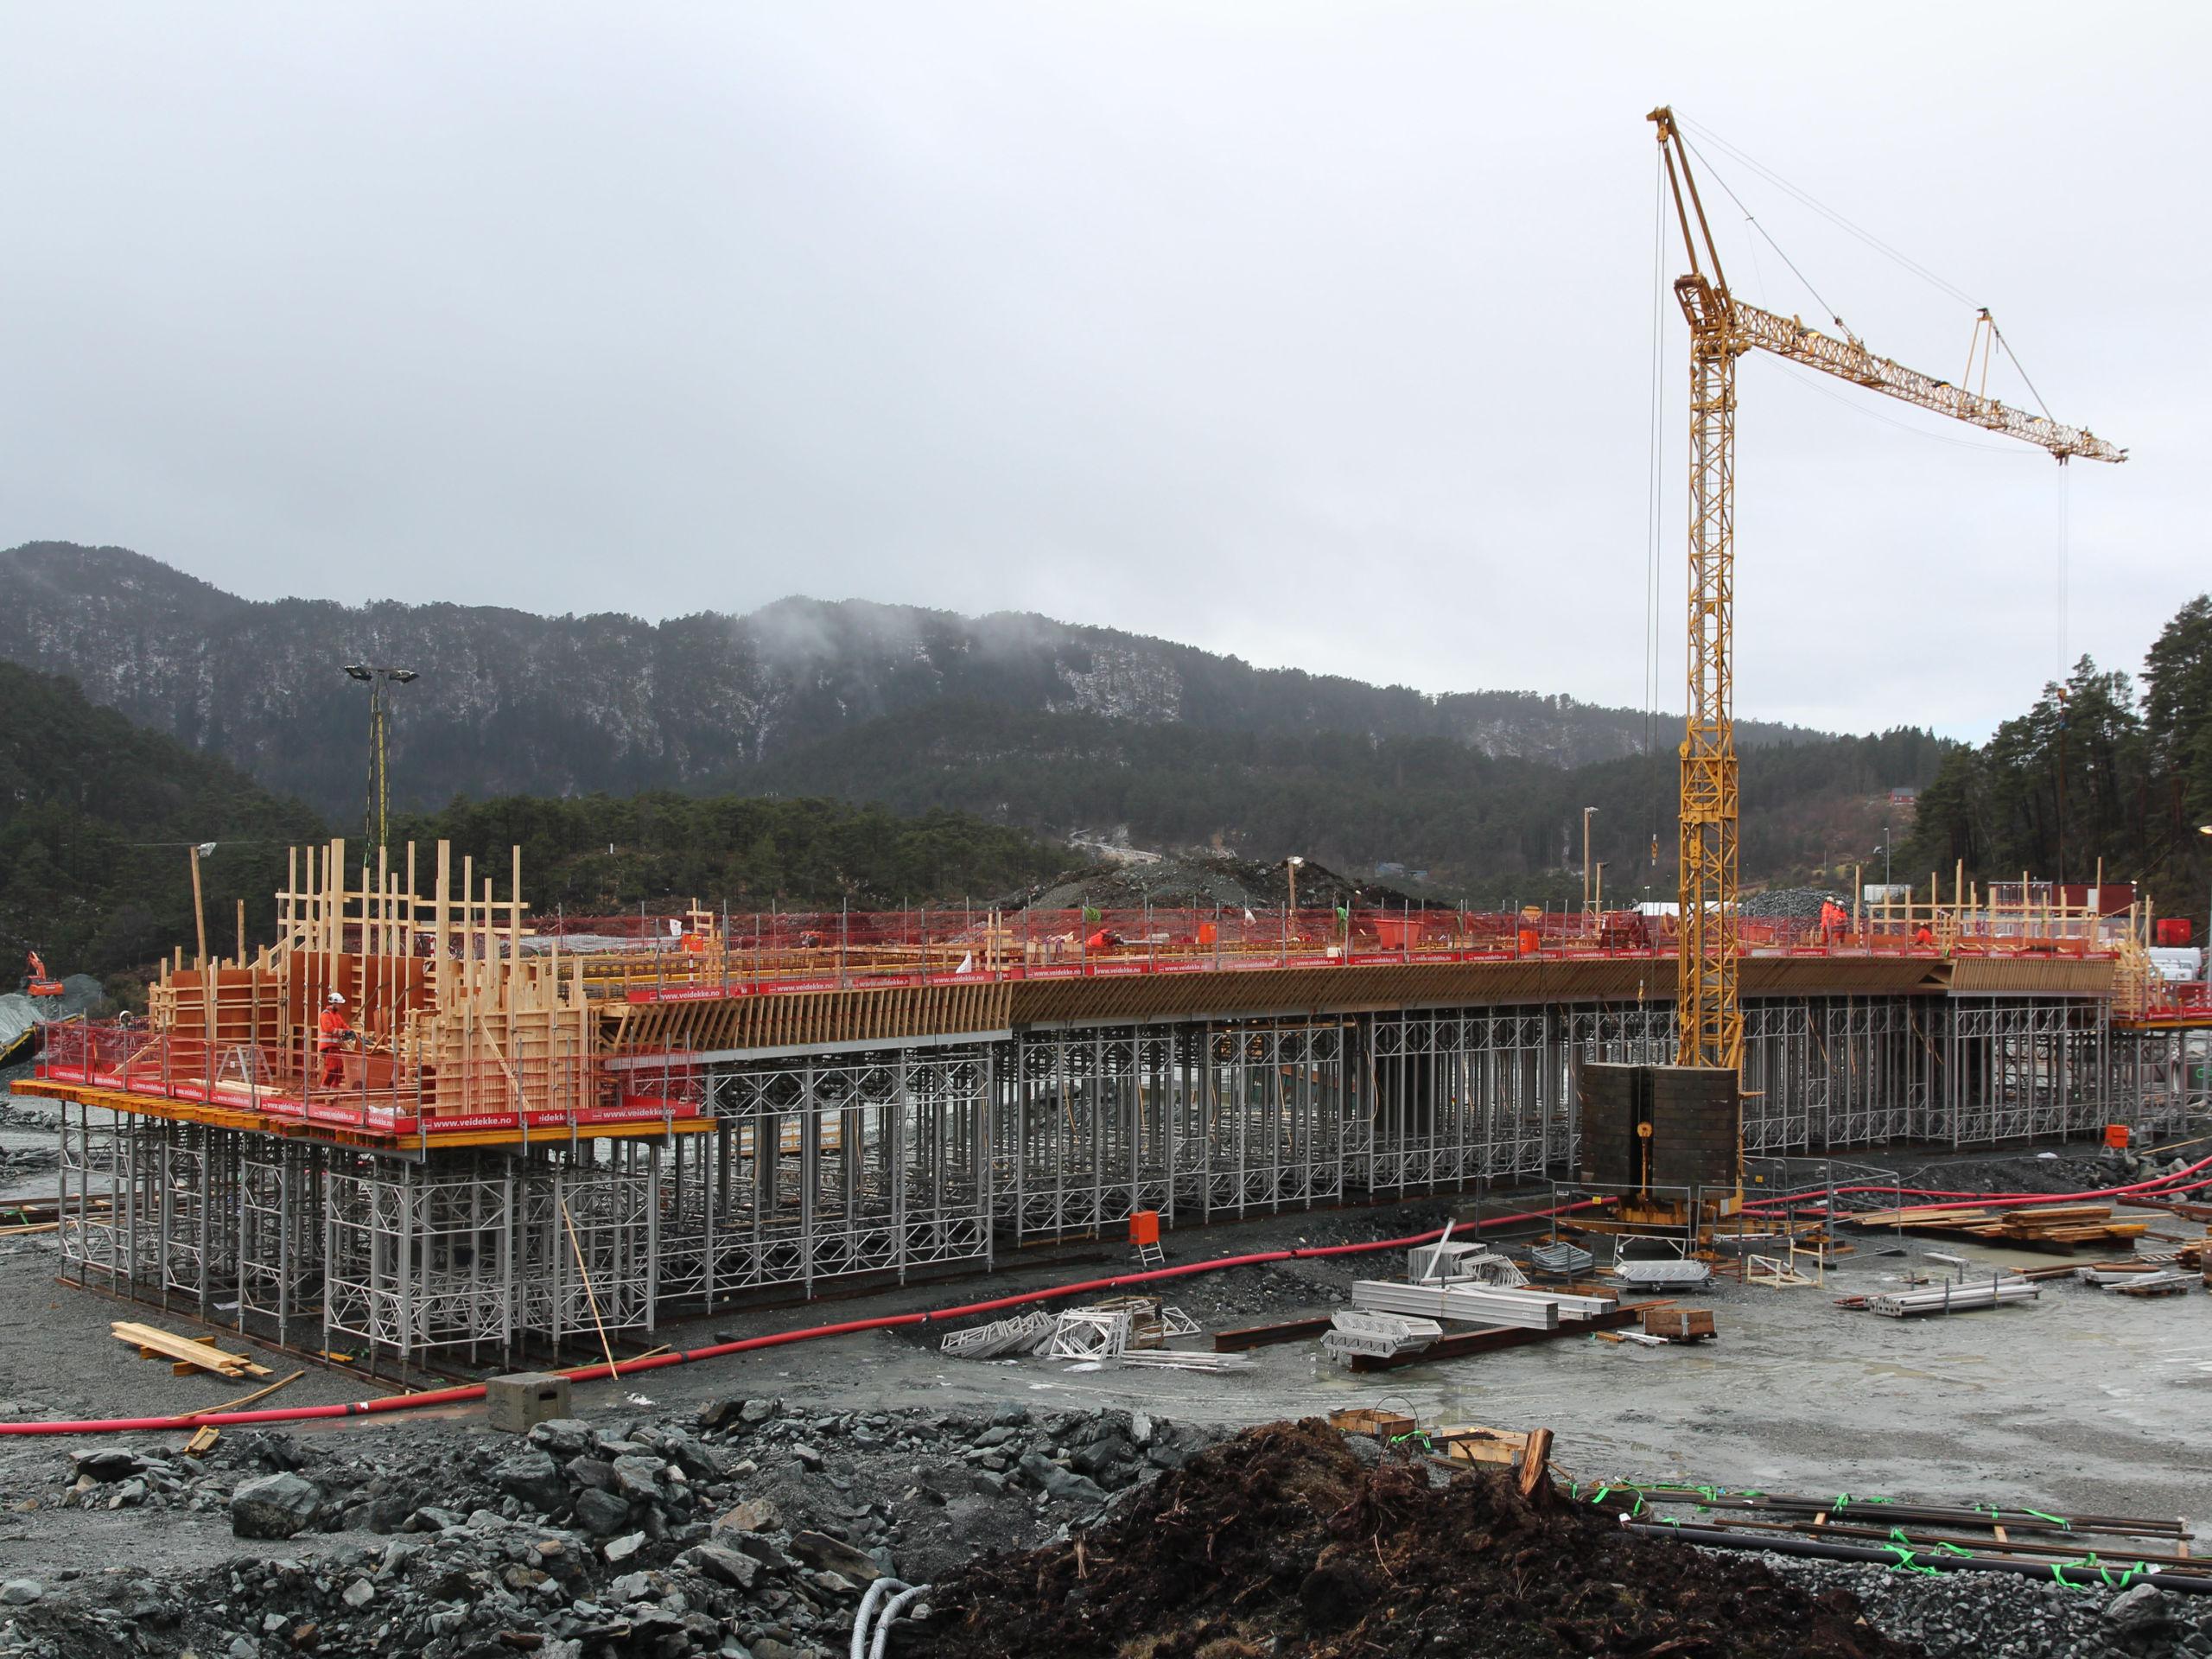 Se hvilke prosjekter vi jobber med, hva vi har gjort og hva vi skal jobbe med i fremtiden